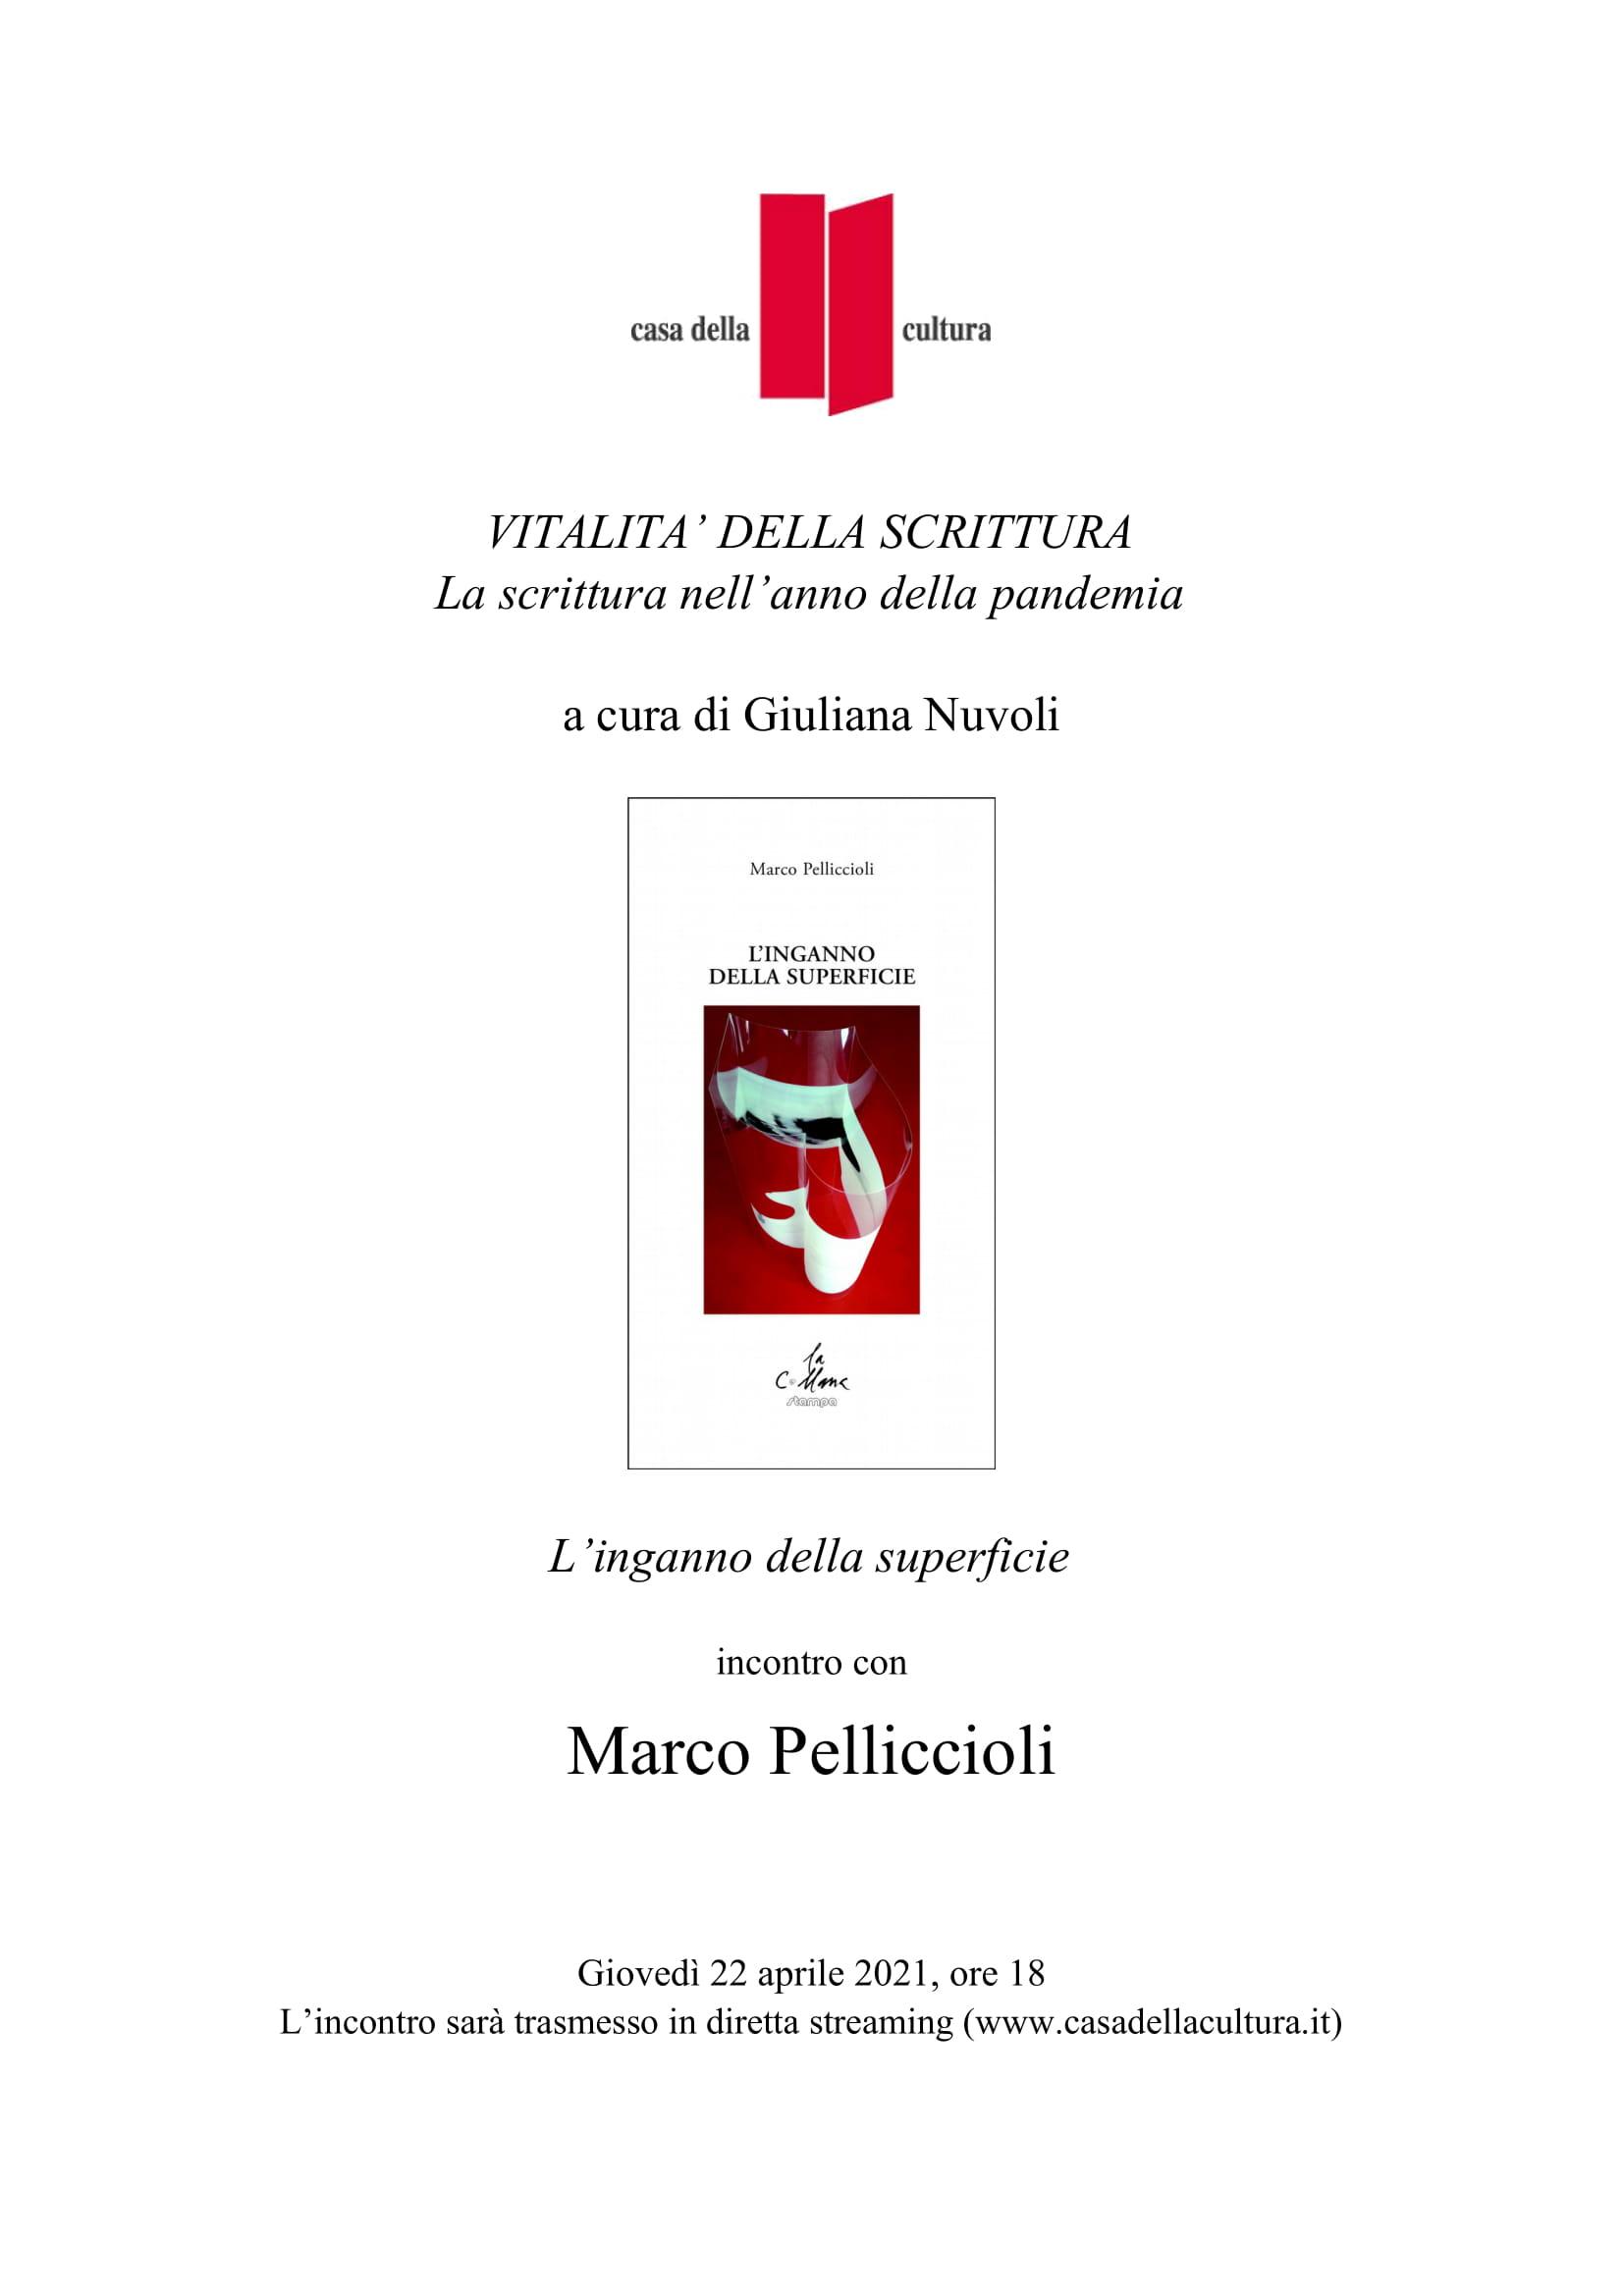 """Giuliana Nuvoli presenta Marco Pelliccioli, """"L'inganno della superficie"""", Stampa 2009, Casa della Cultura, 22 aprile 2021, ore 18, https://www.youtube.com/watch?v=ADw7P5bN73M&t=7s"""